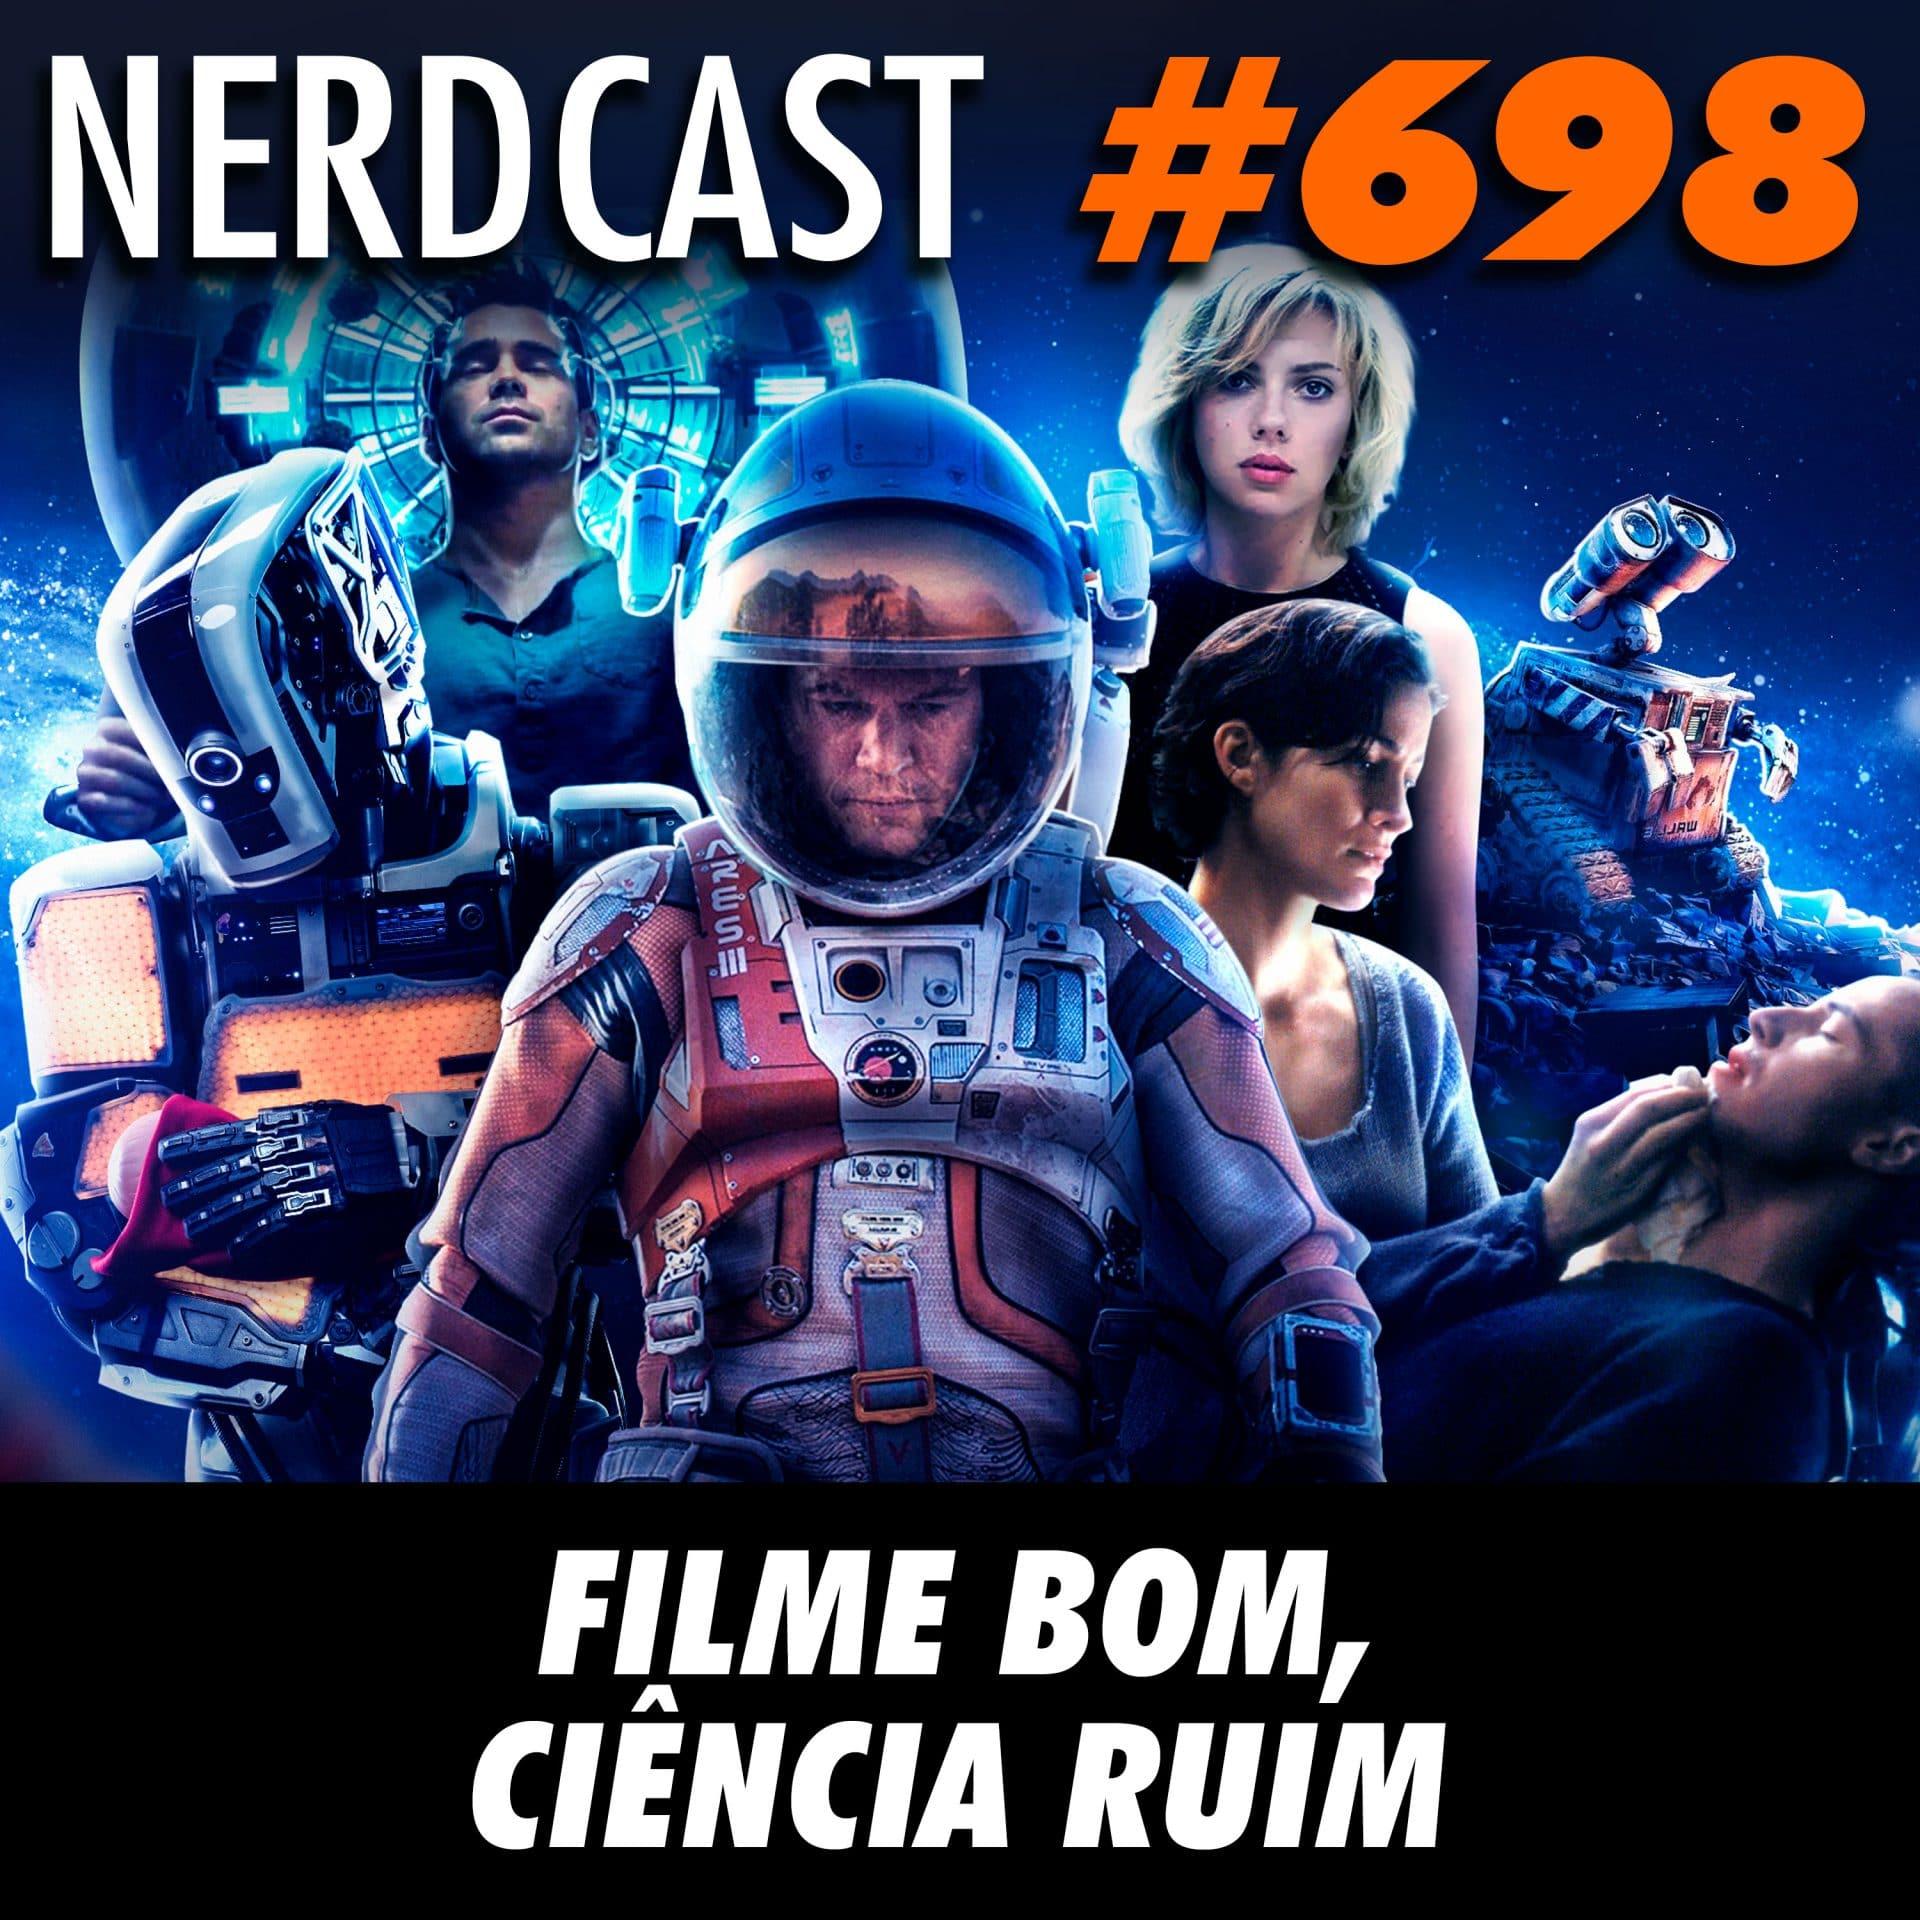 NerdCast 698 - Filme bom, ciência ruim